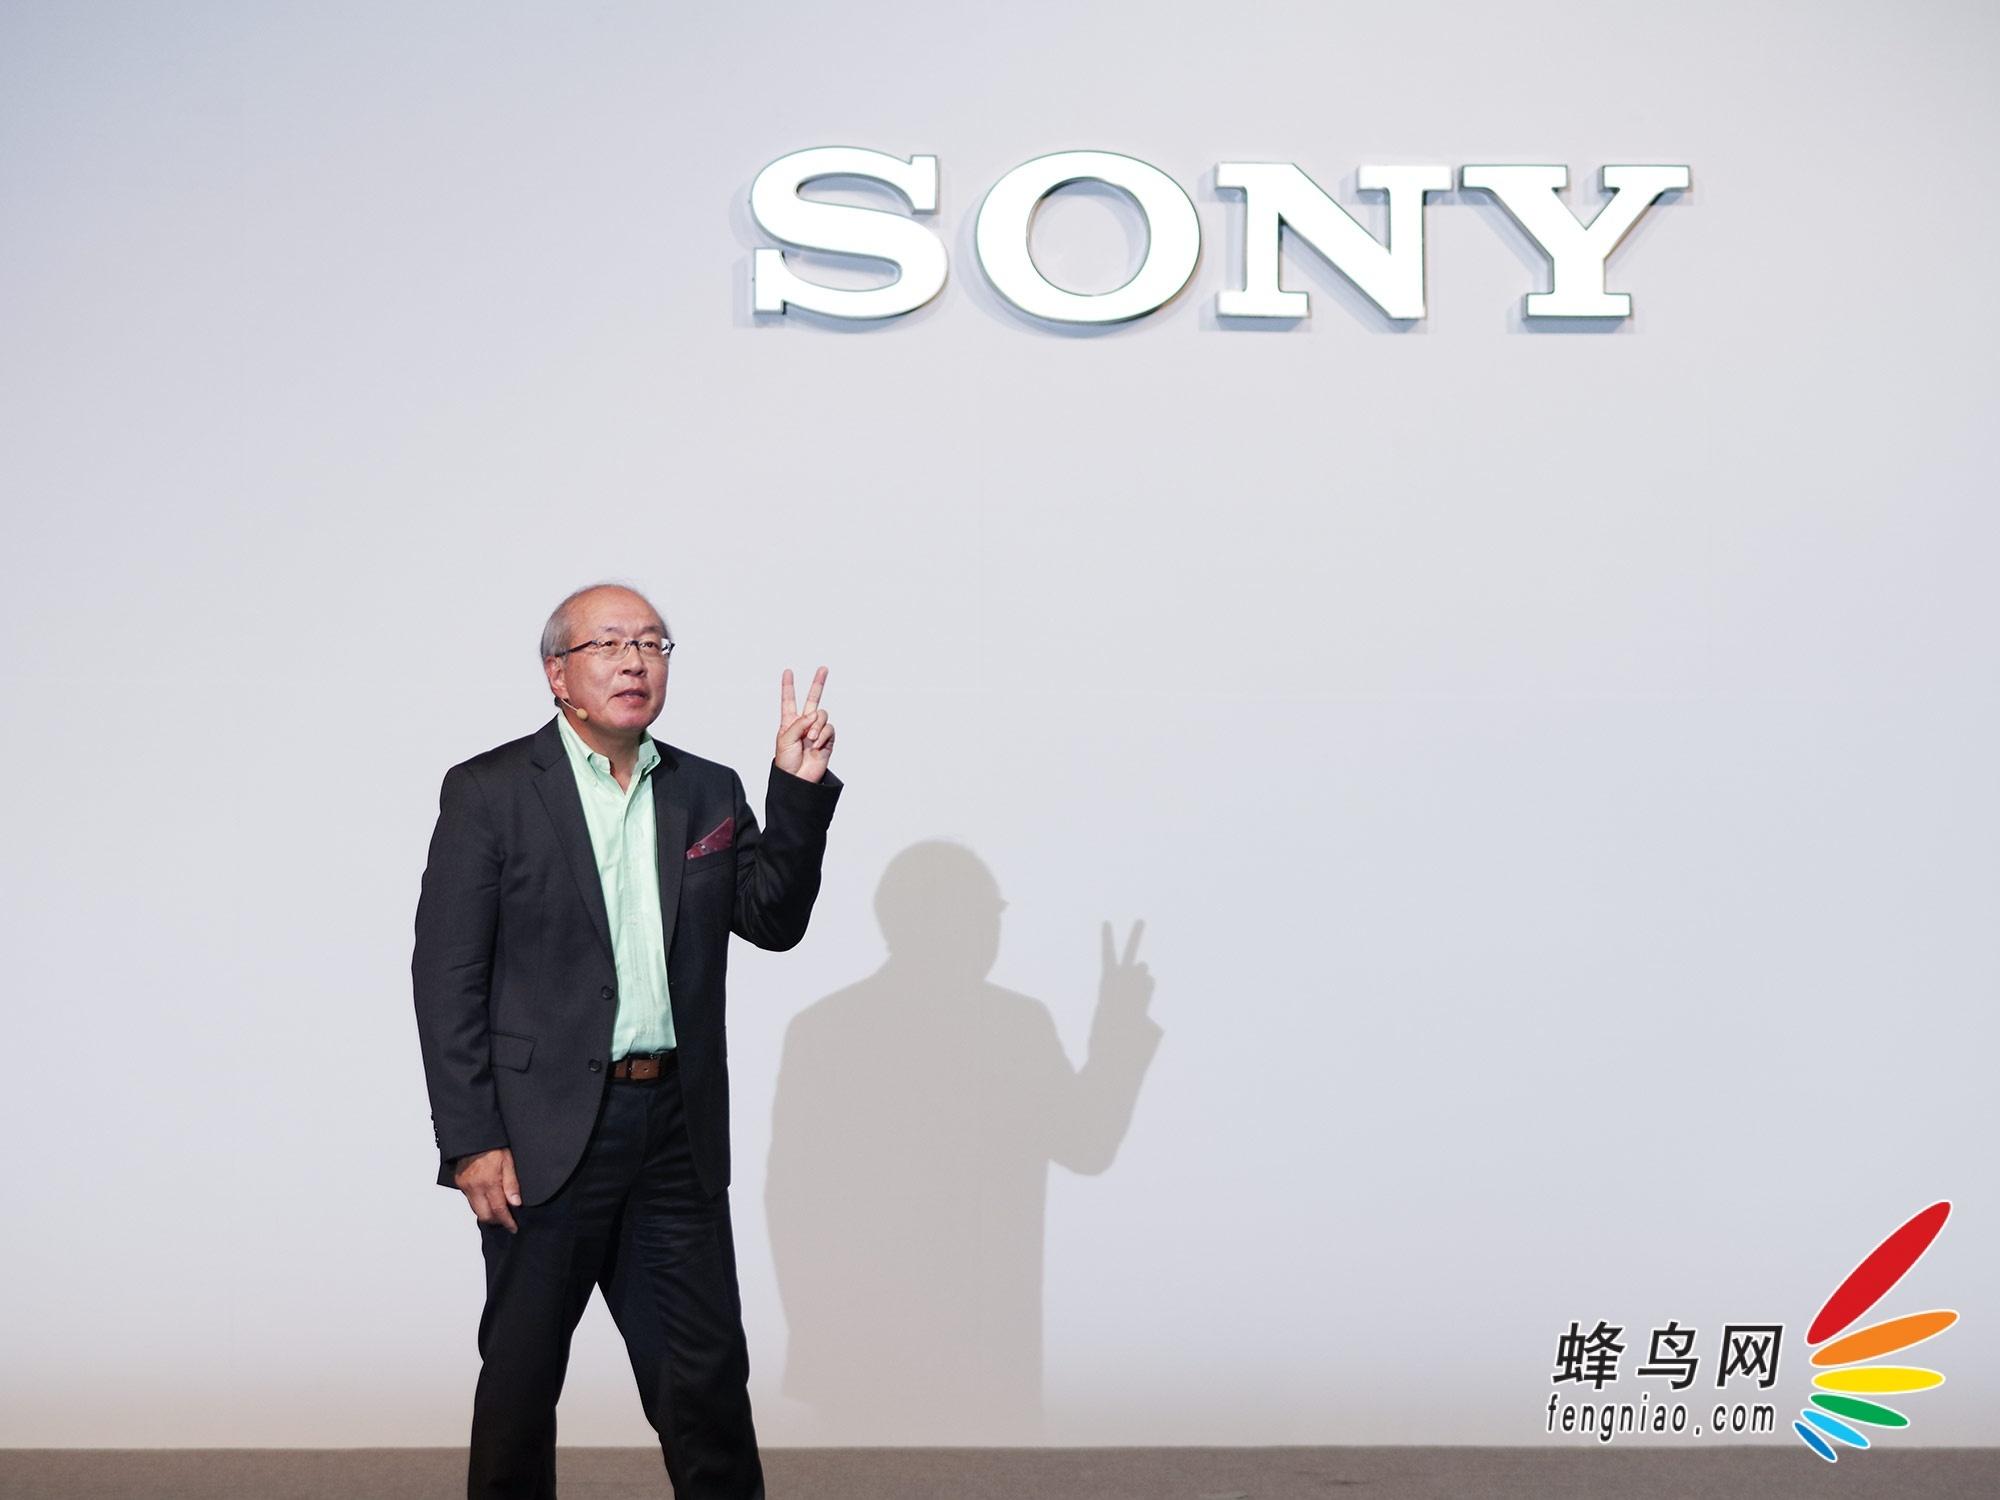 科技改变生活 索尼在沪办2014魅力赏活动